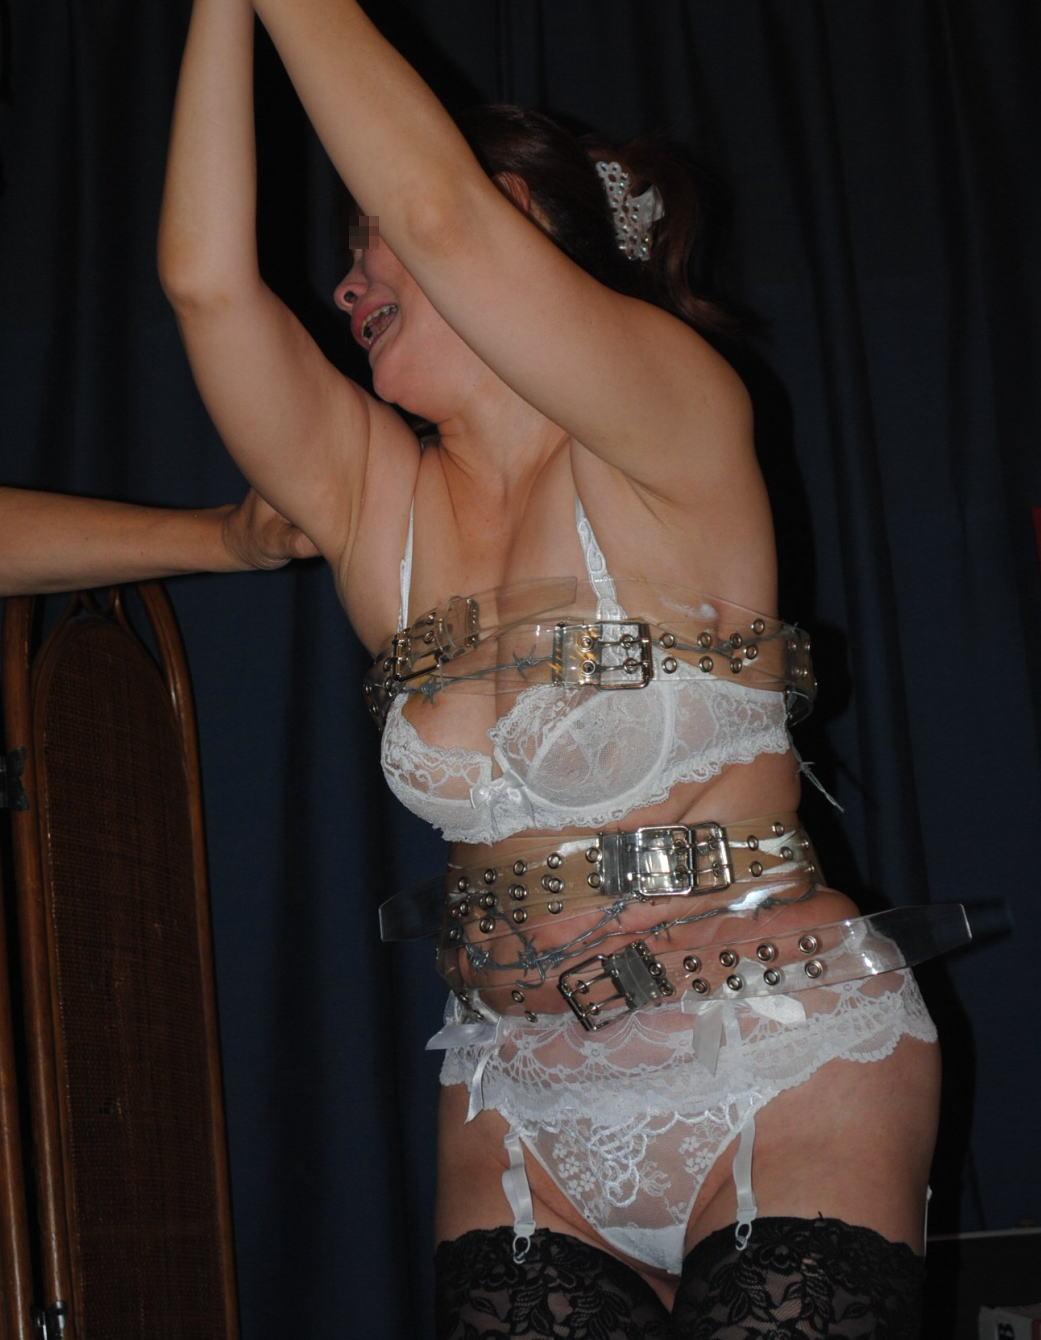 有刺鉄線を体に巻かれてズタズタになってるドM女のヤバイSMエロ画像 74